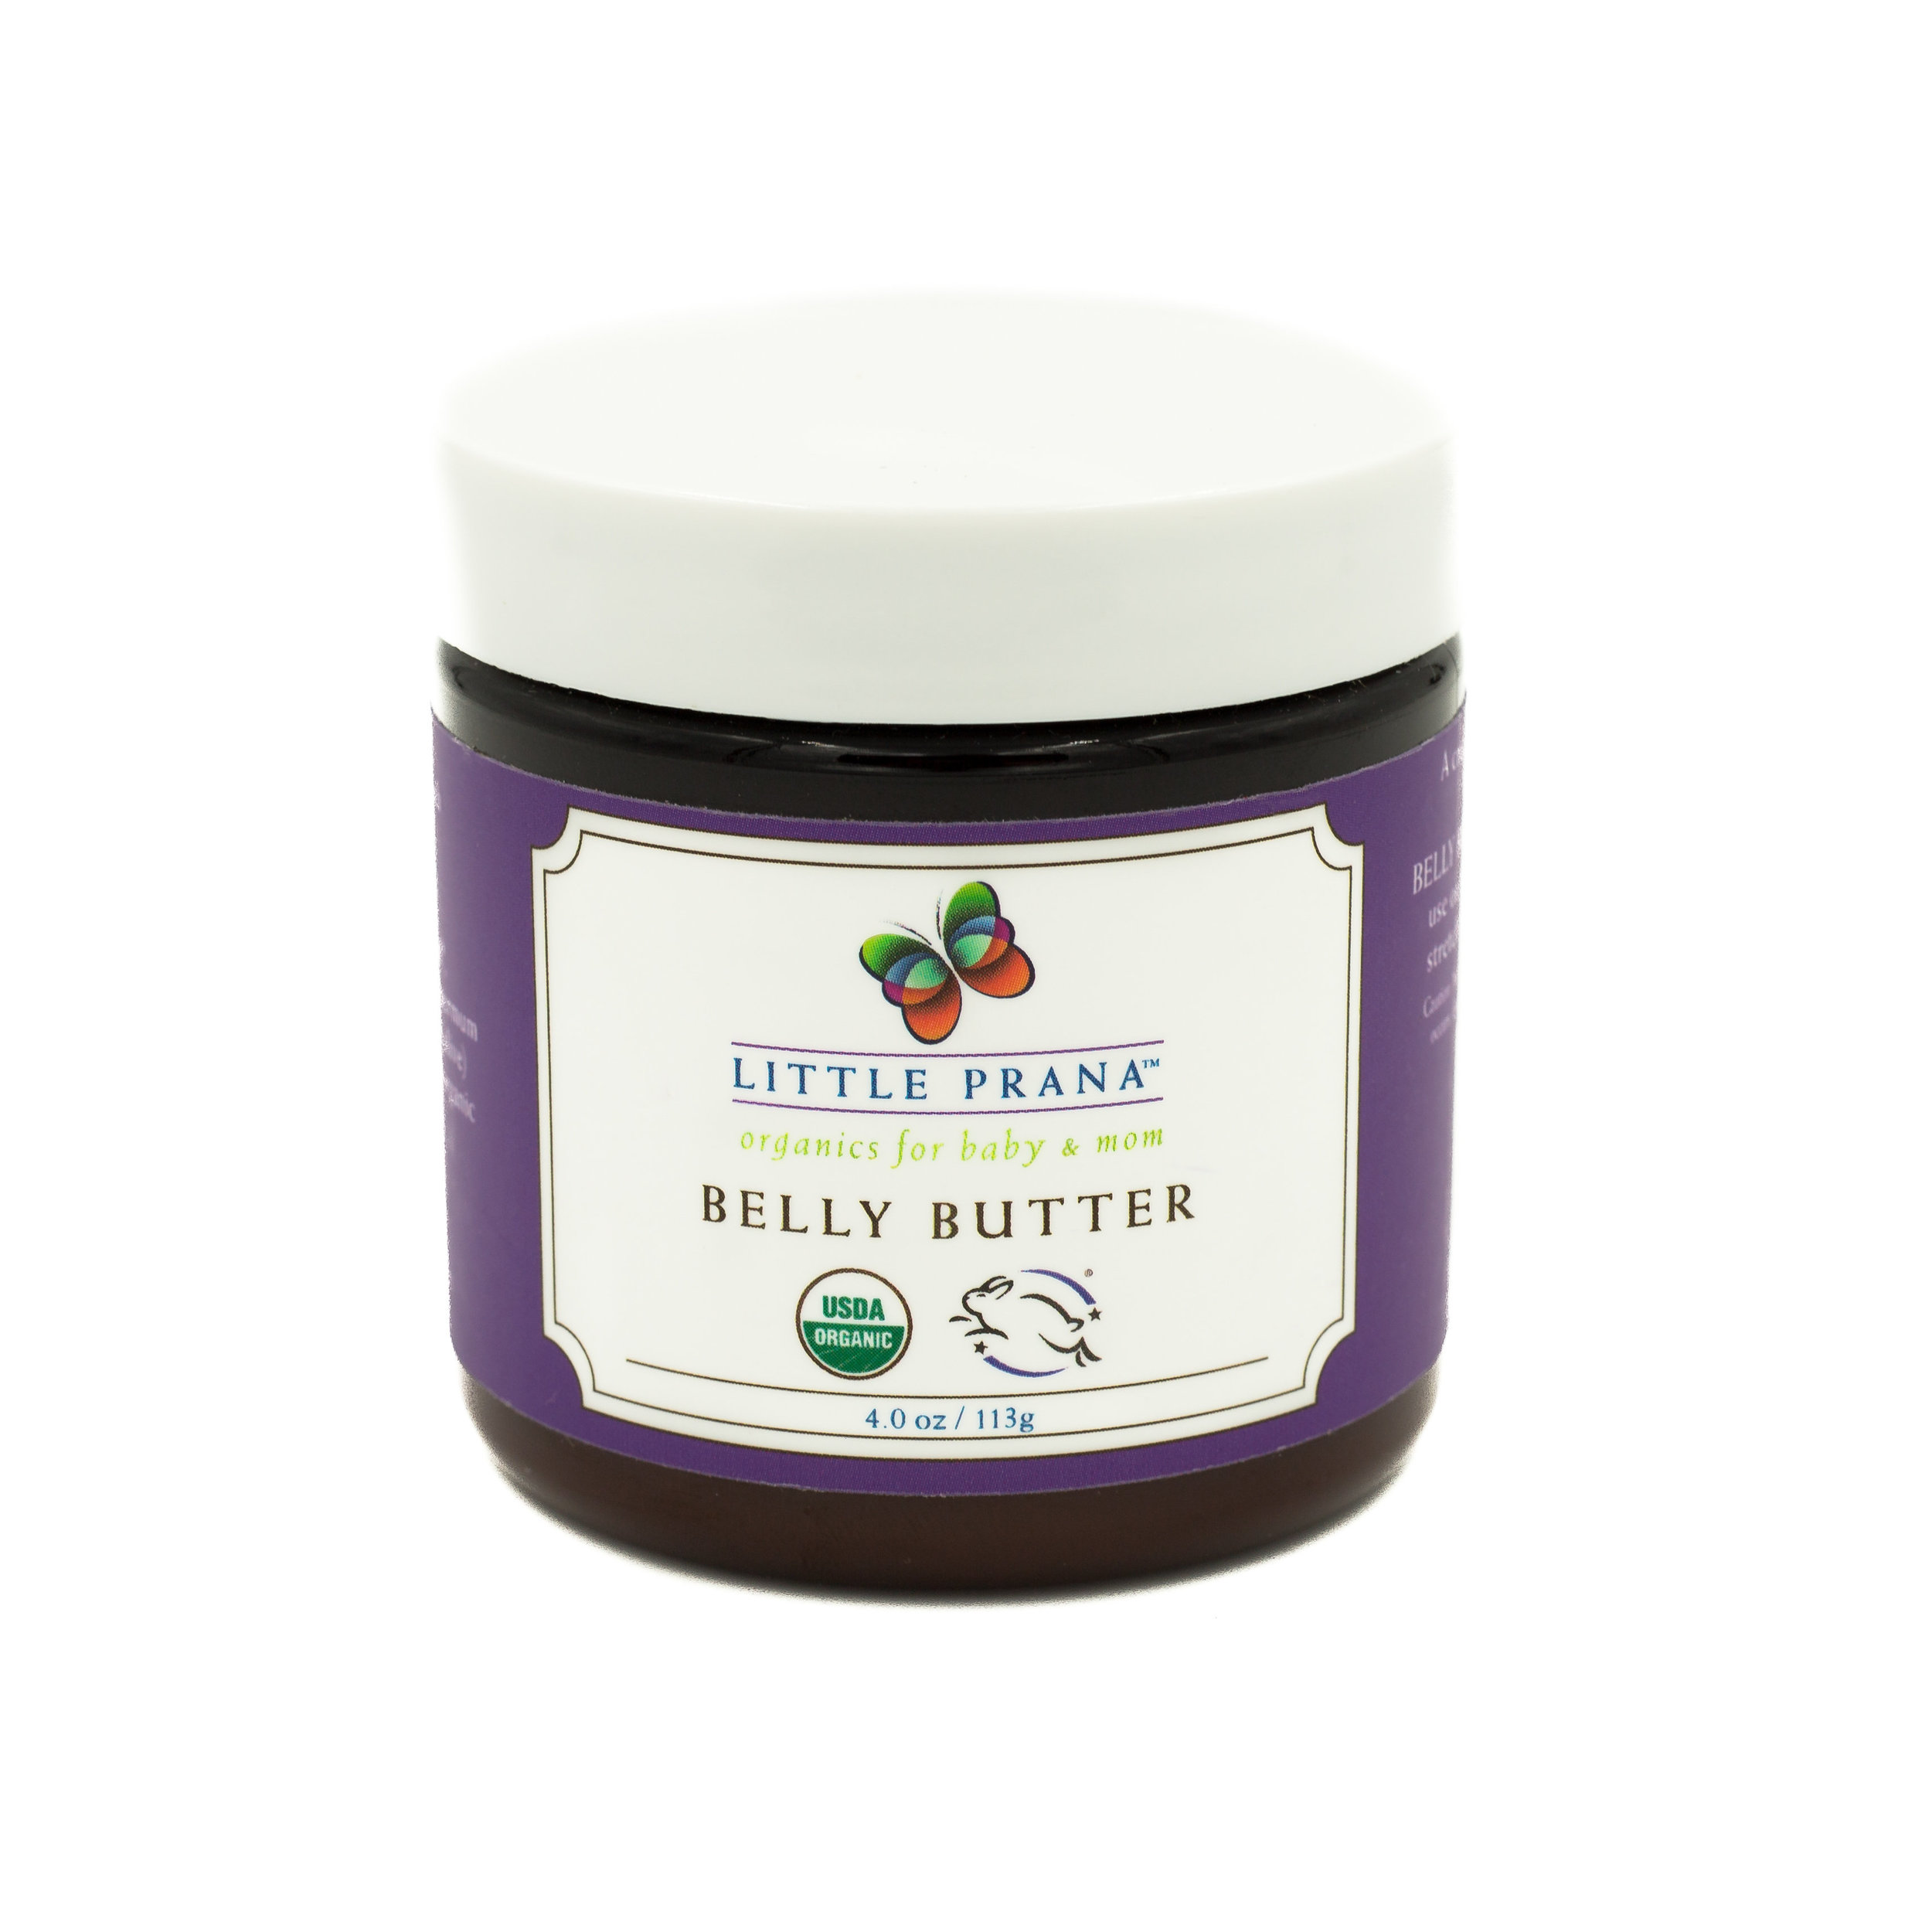 Belly Butter